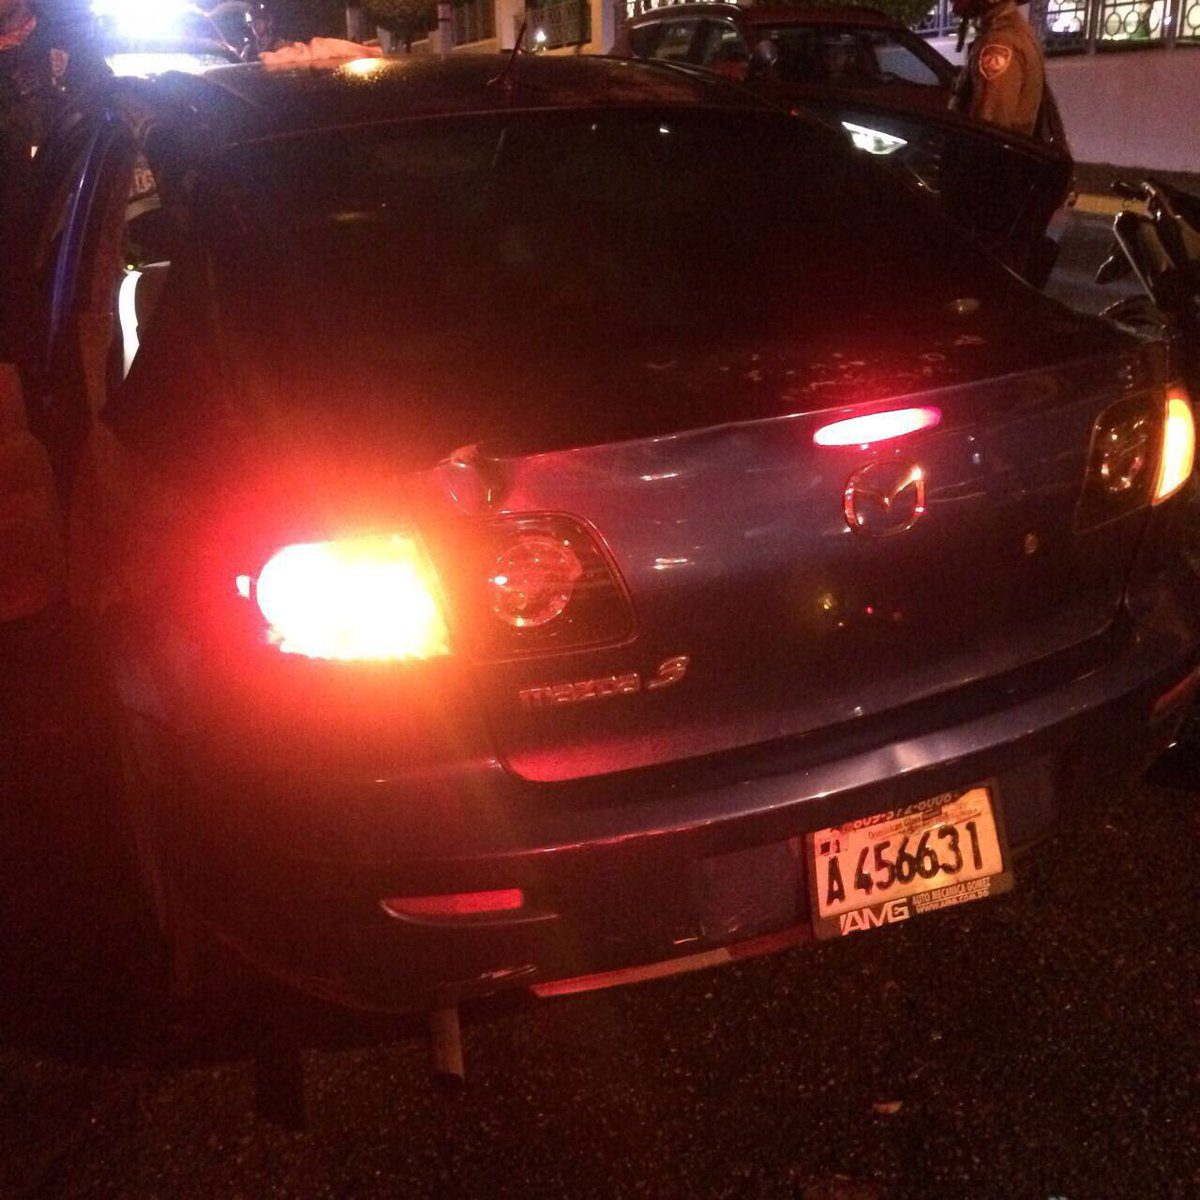 Hallan cadáver de una mujer y dos niñas dentro de un vehículo en la Zona Universitaria anoche